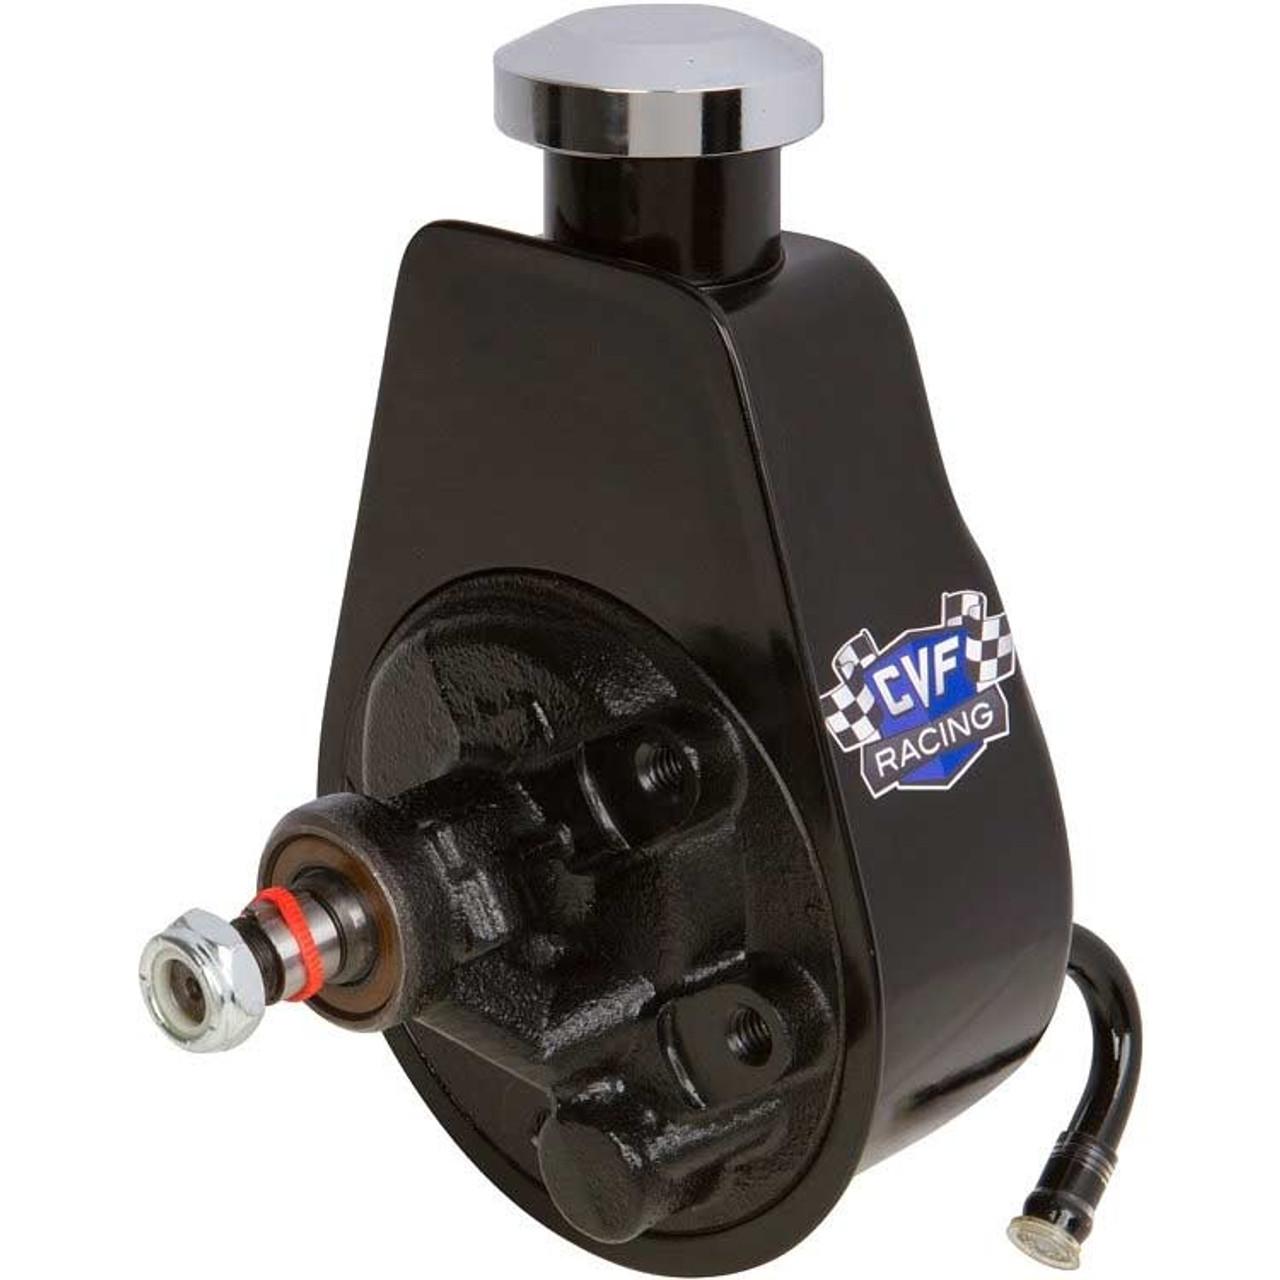 Saginaw Power Steering Pump >> Saginaw P Series Power Steering Pump 5 8 Keyway Shaft Black